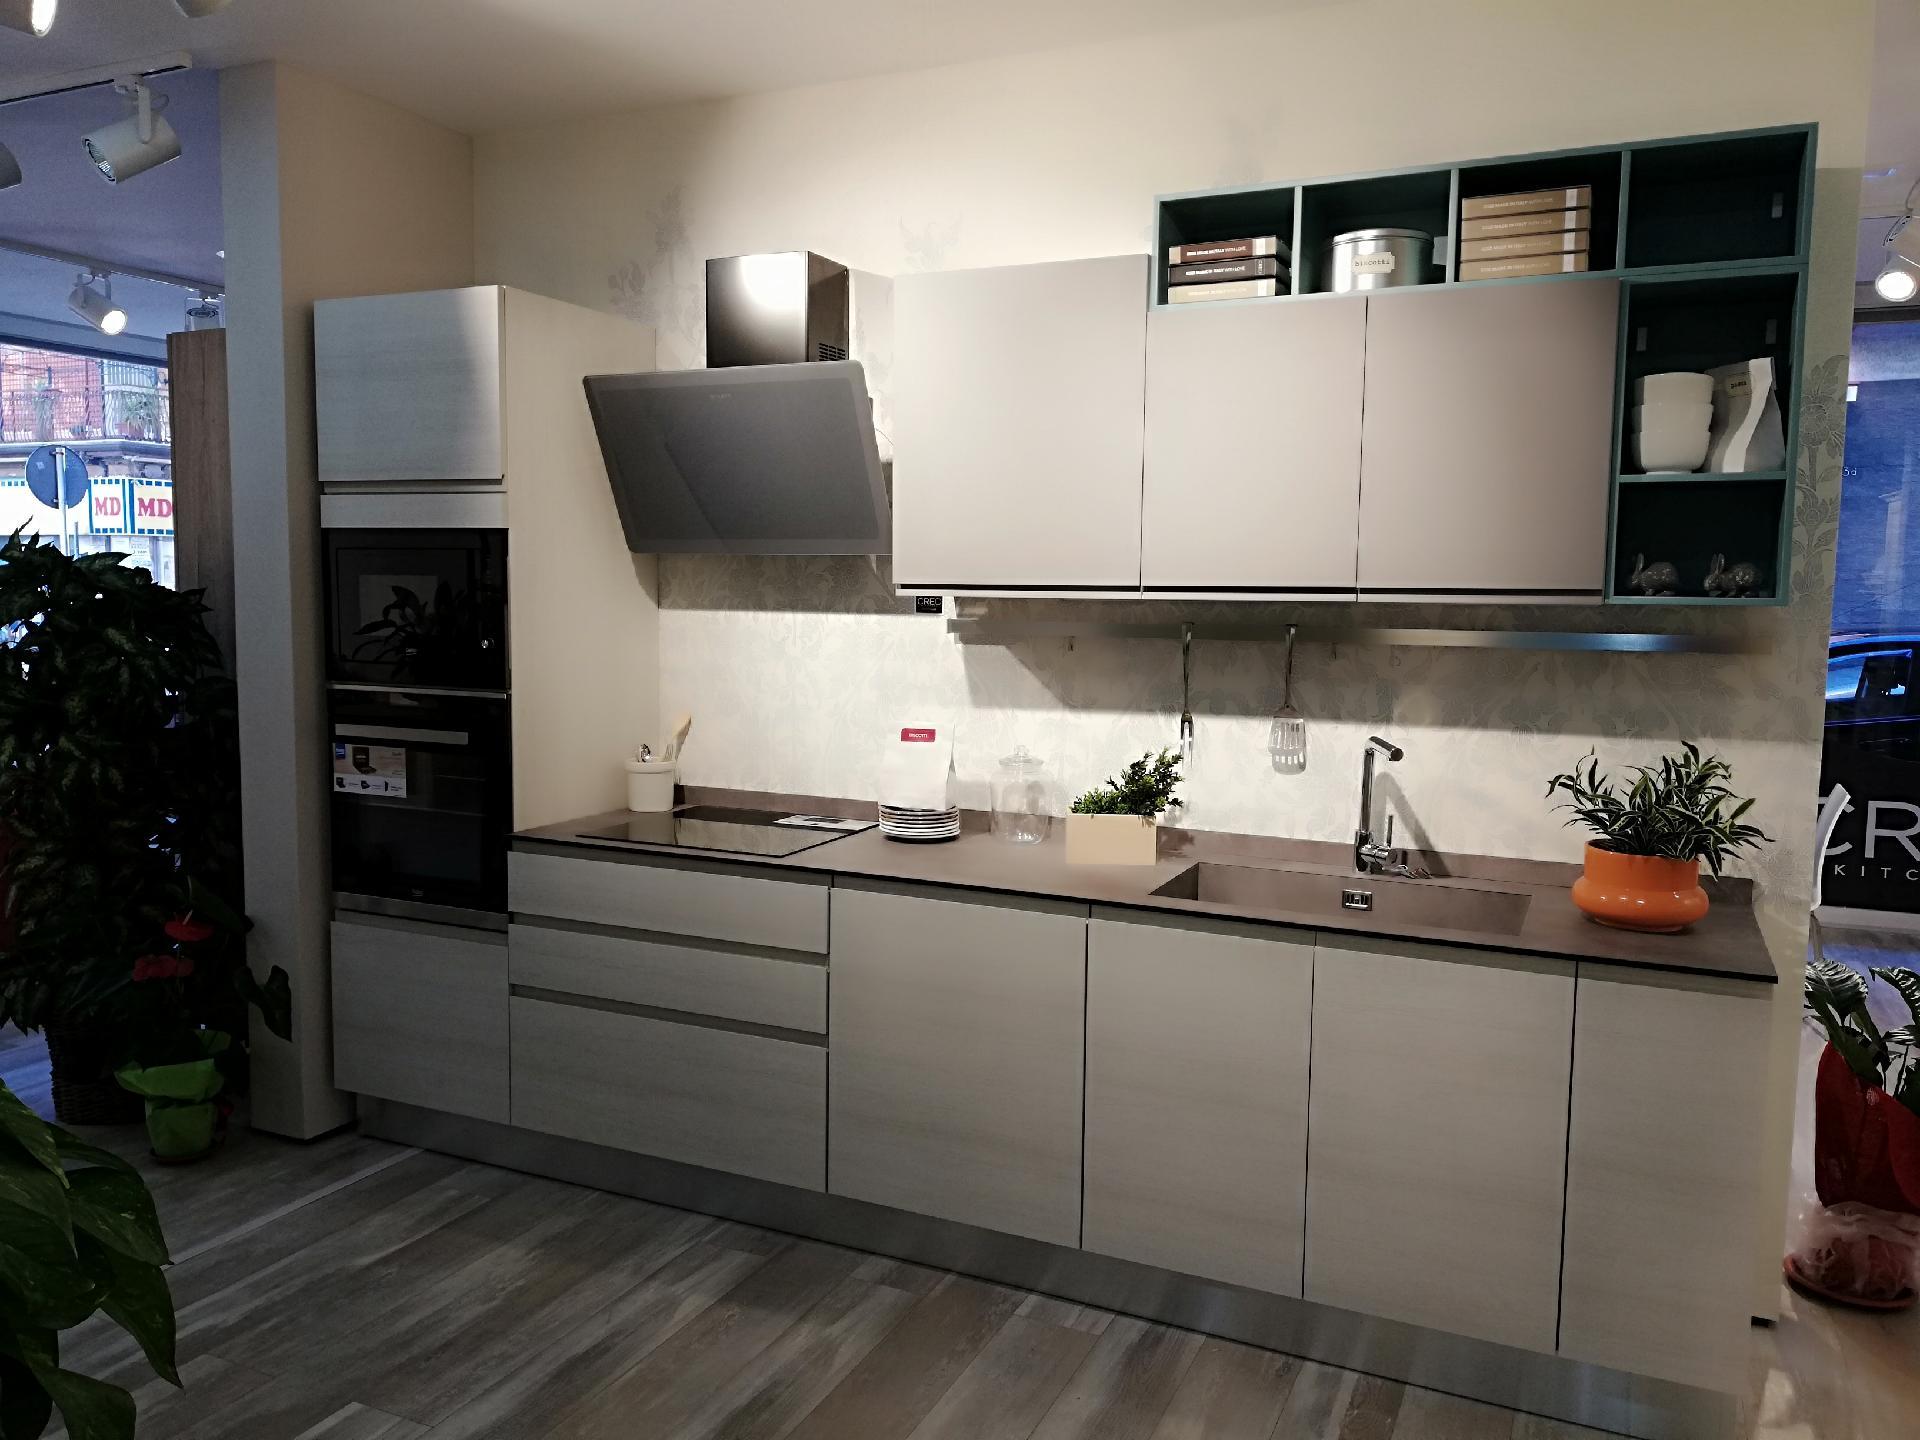 Foto esposizione cucine componibili catania - Cucine componibili catania ...